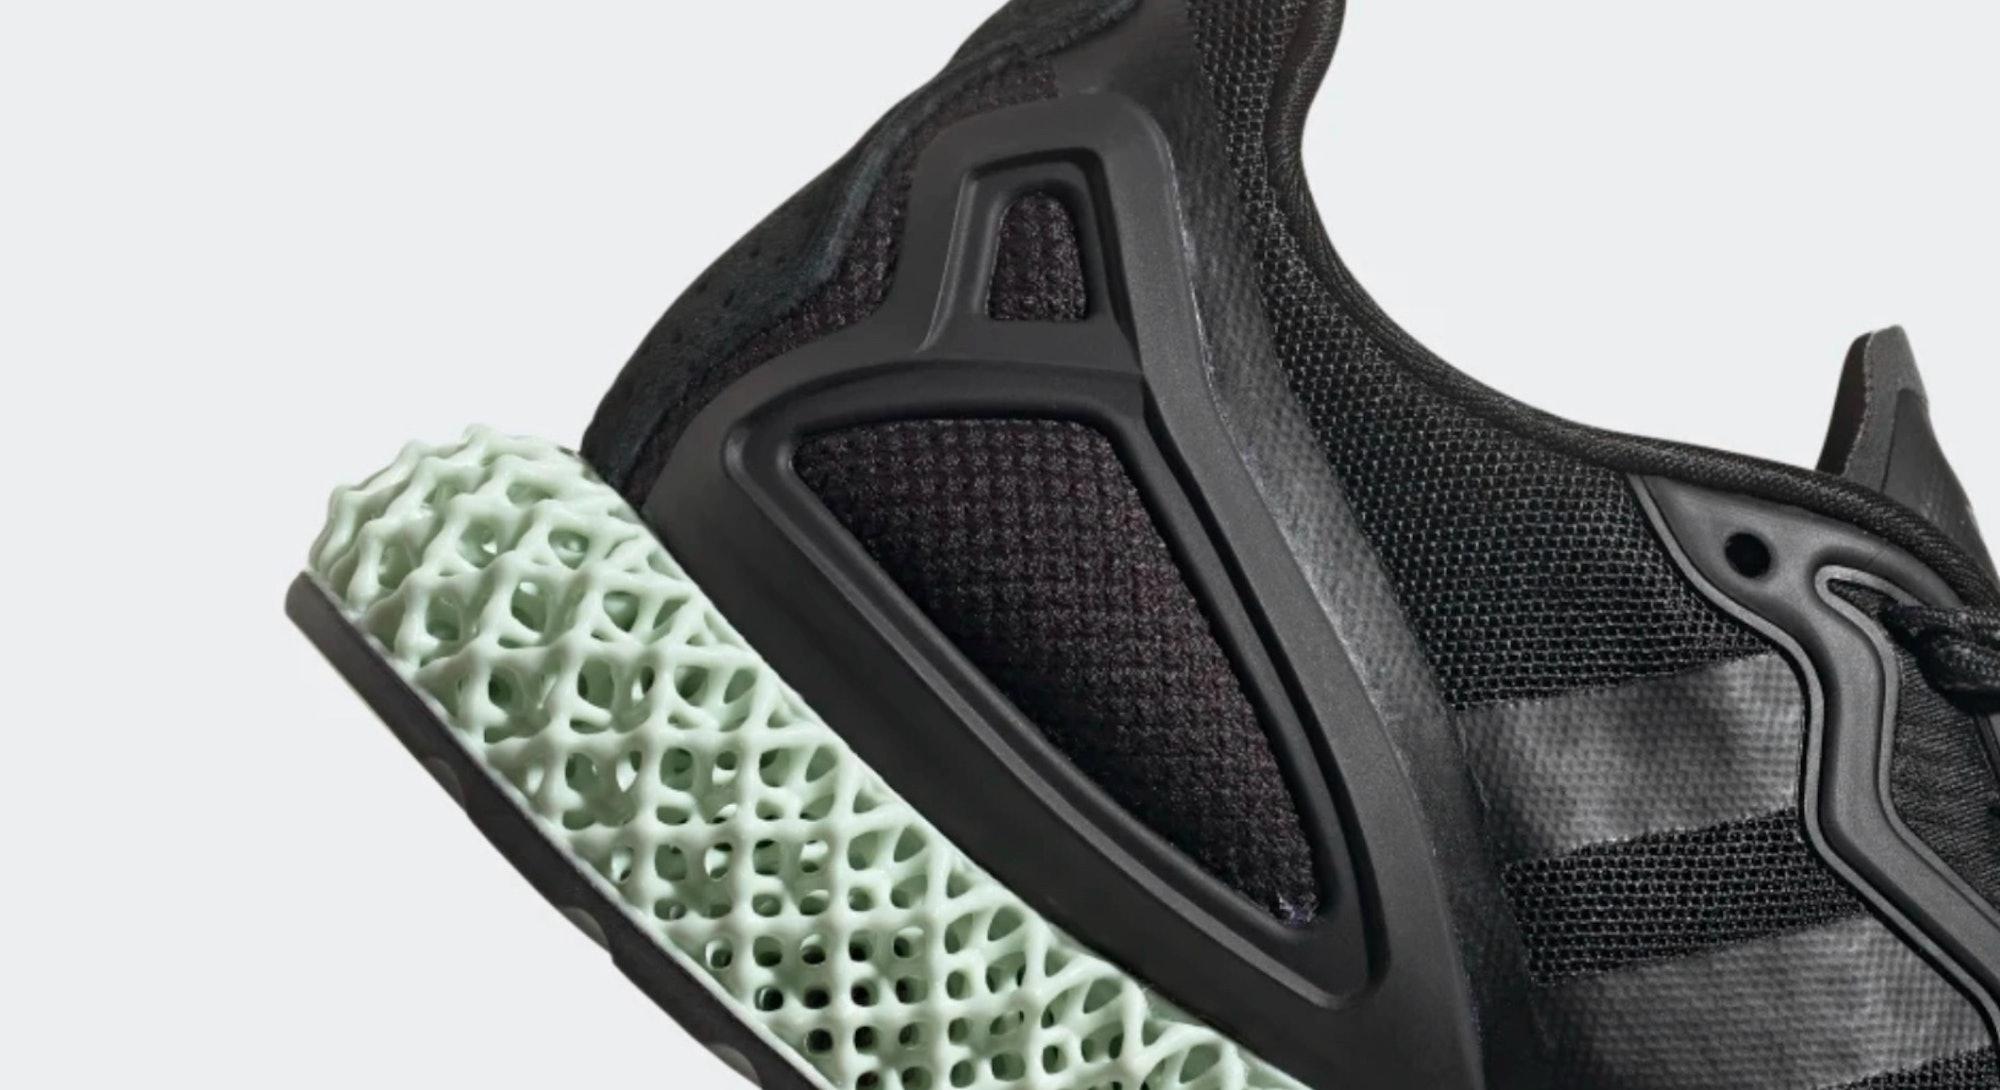 Adidas 2K 4D shoes